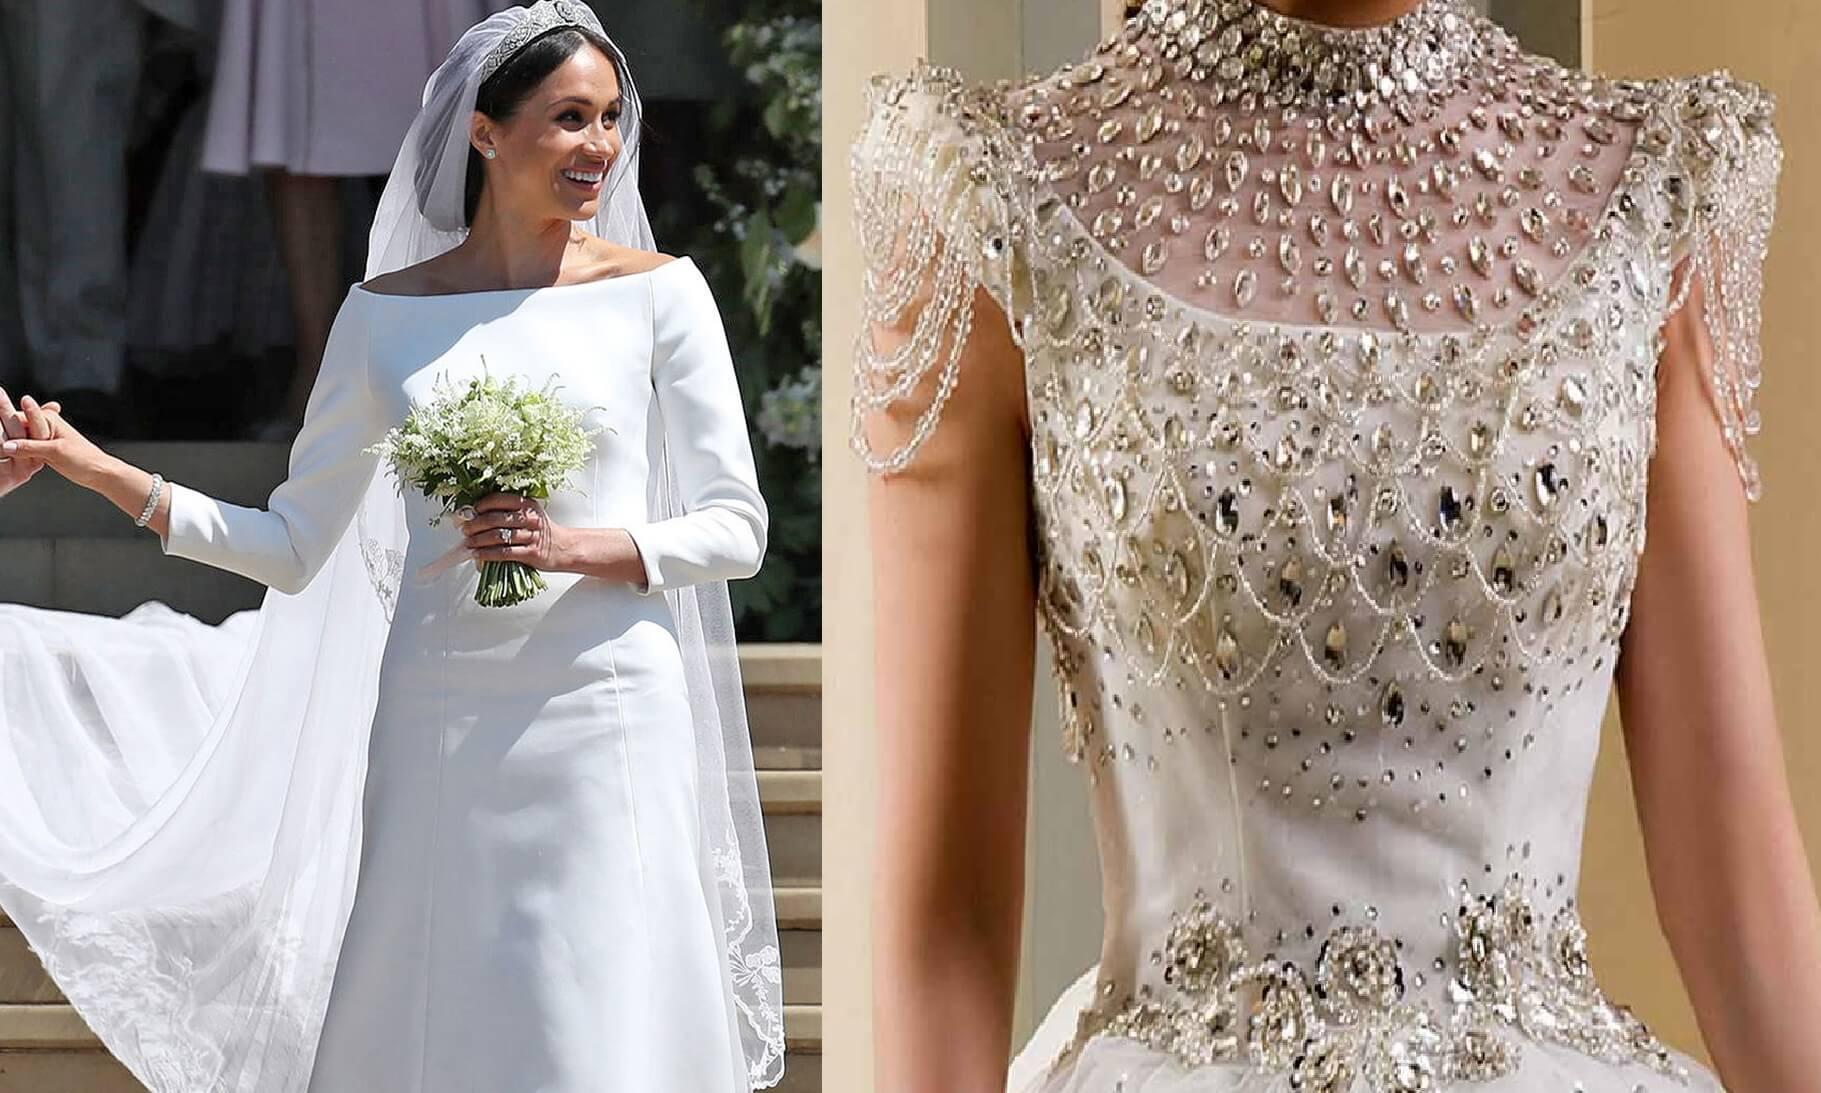 مرصّعة بالذهب والألماس! إليكِ أغلى فساتين الزفاف حول العالم